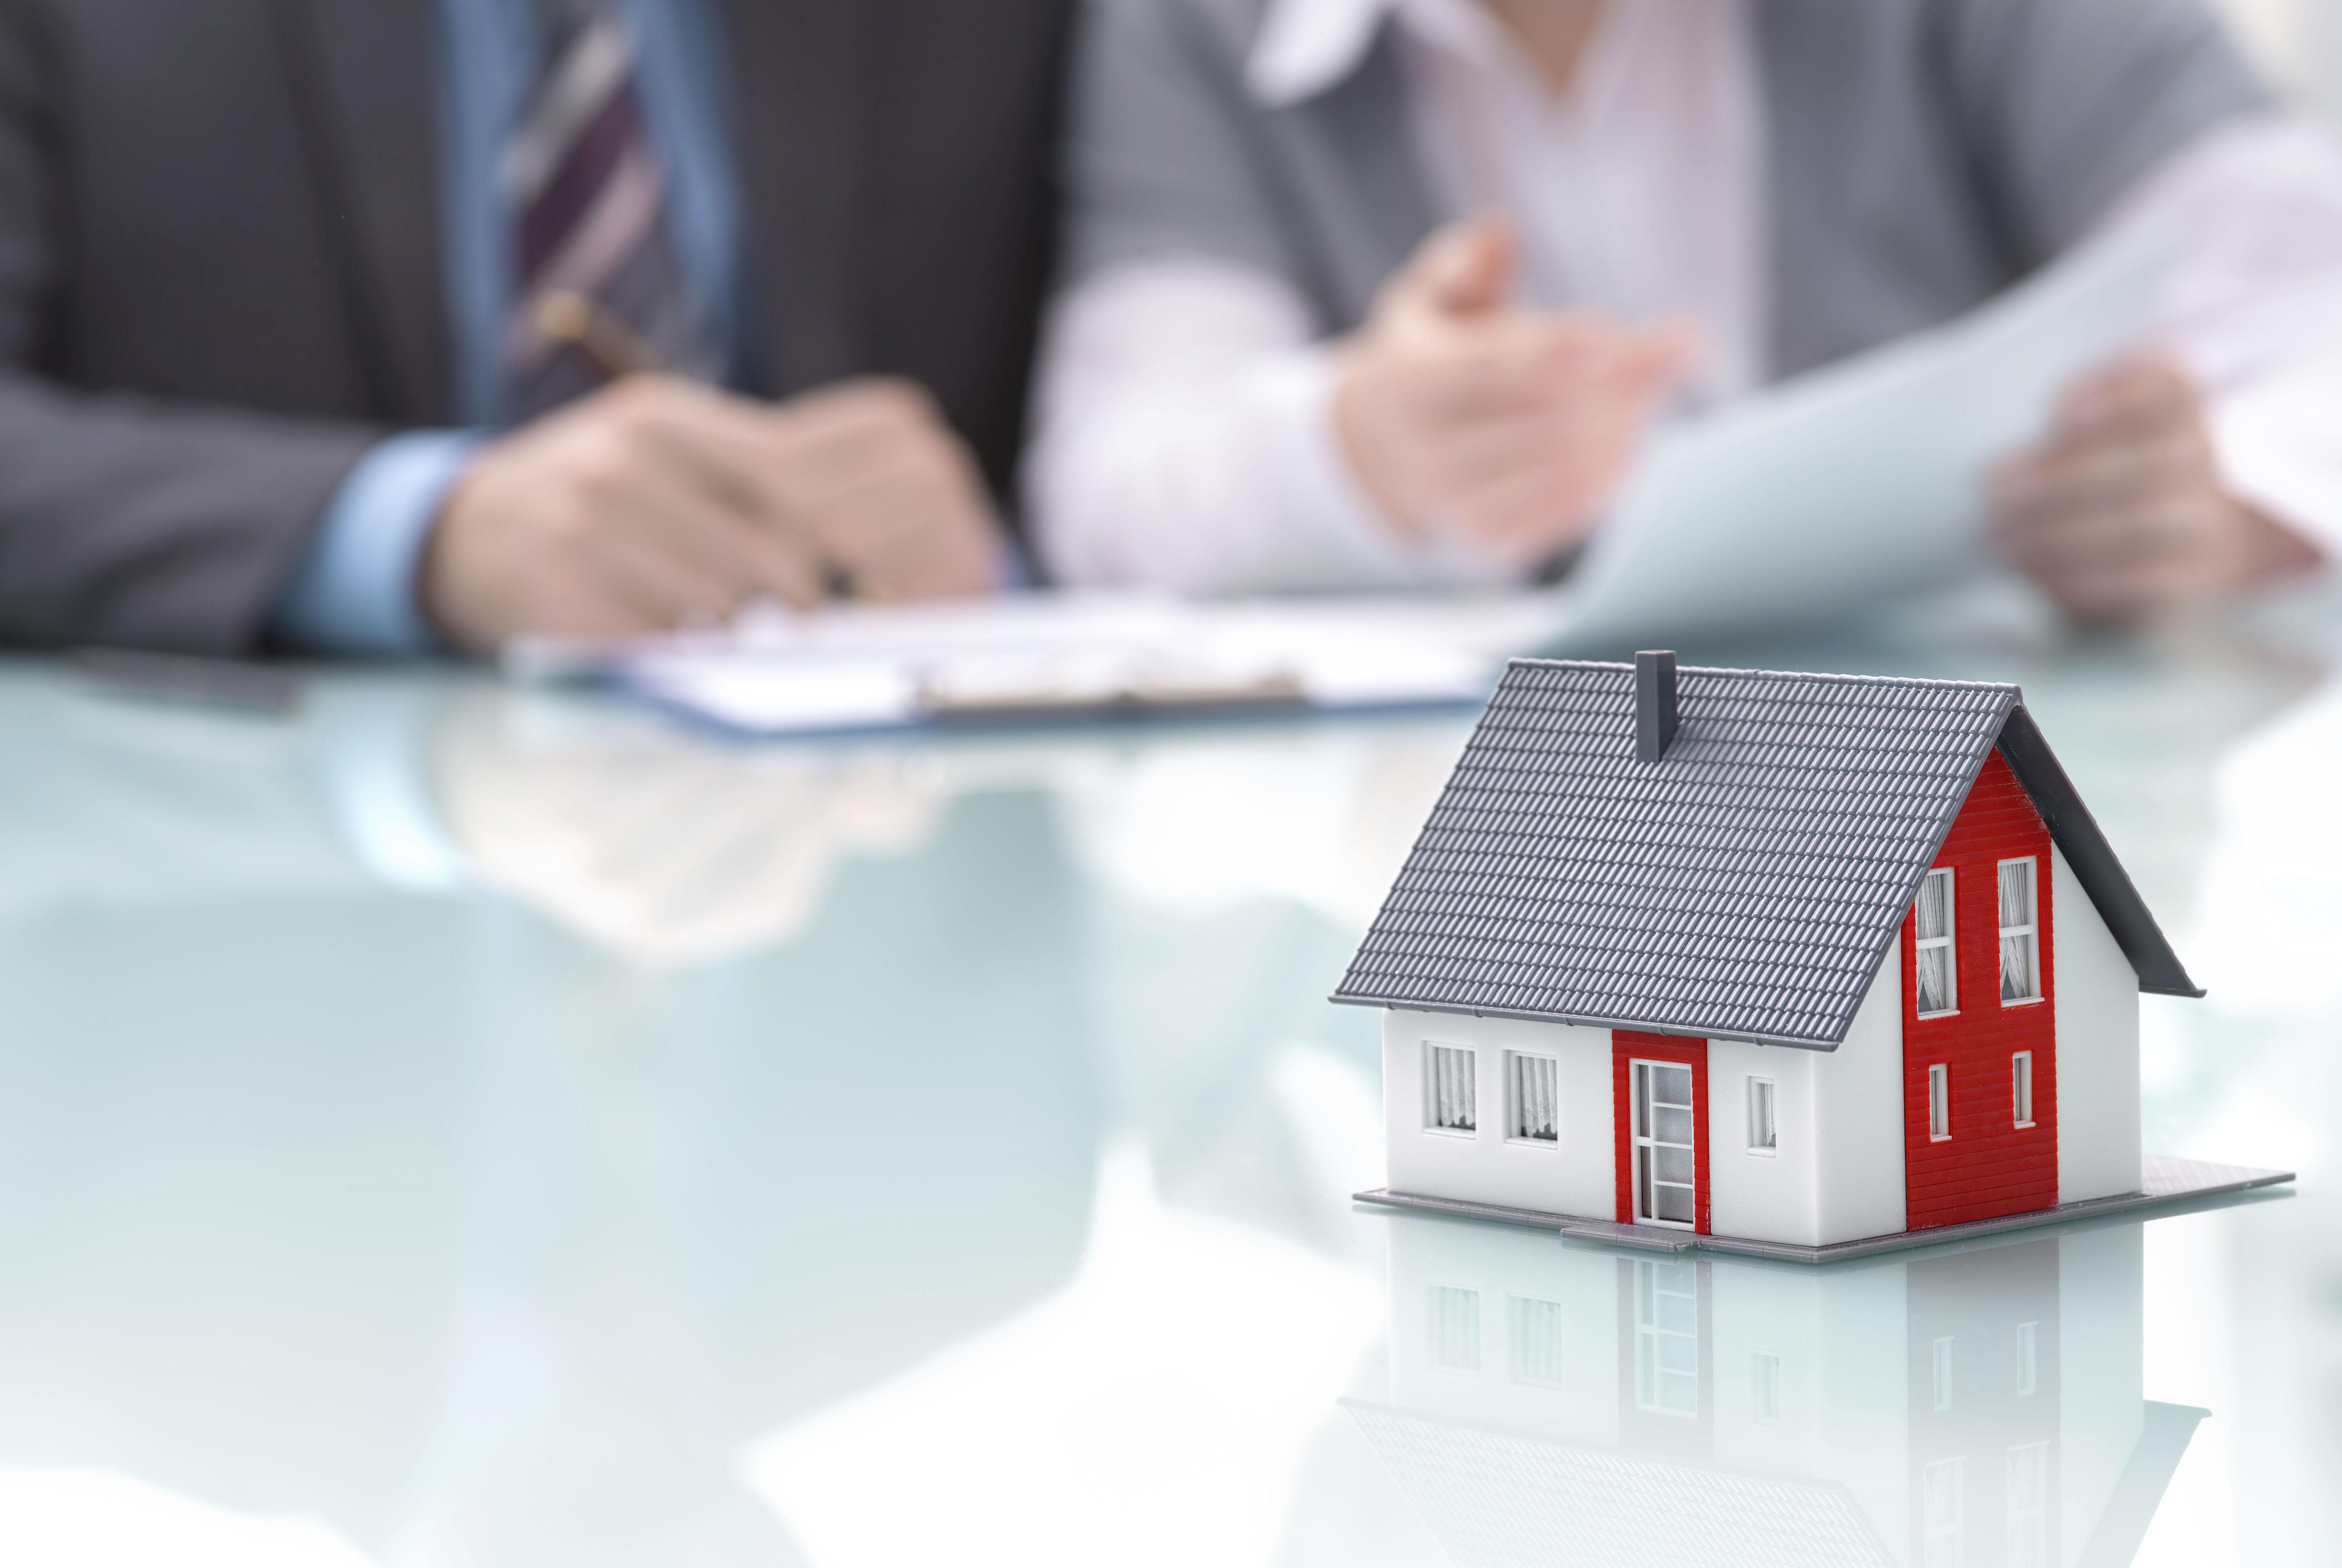 Vender tu casa en el menor tiempo y al mayor precio posible: Mis 8 herramientas